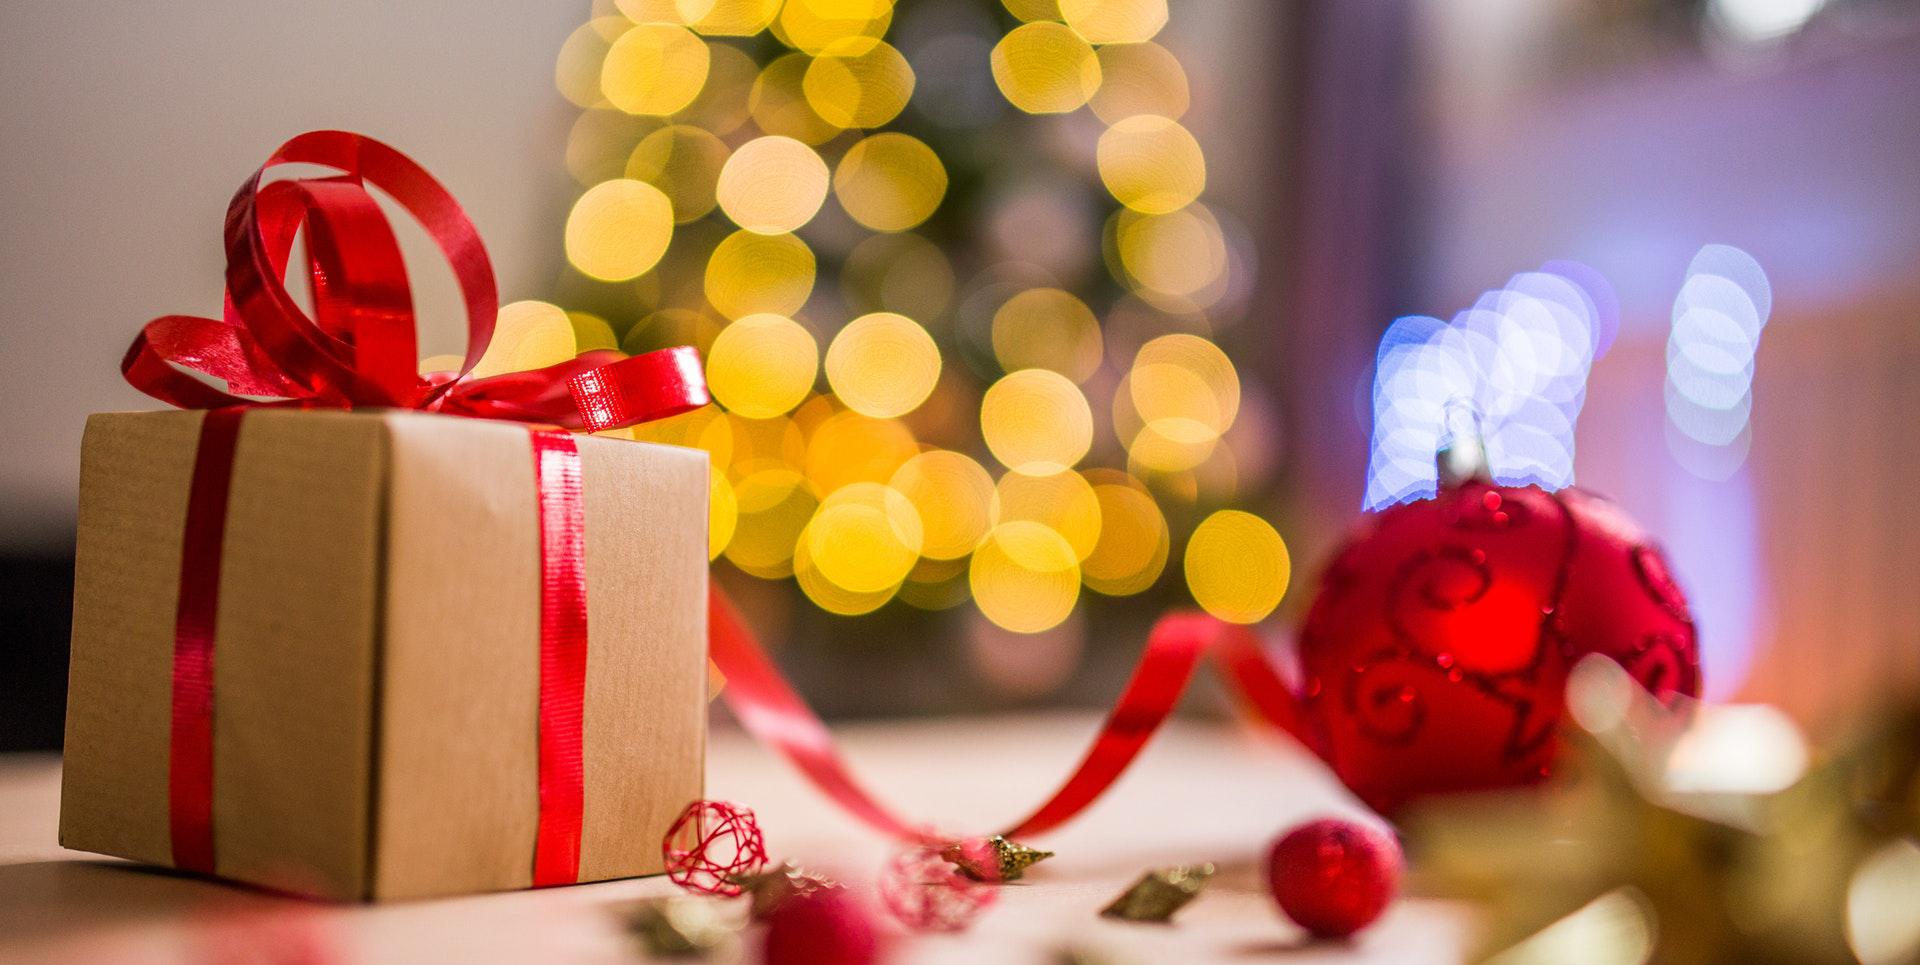 Karantinas apsunkino prekybininkų ir pirkėjų santykius: netikusias dovanas grąžinti tenka kitaip